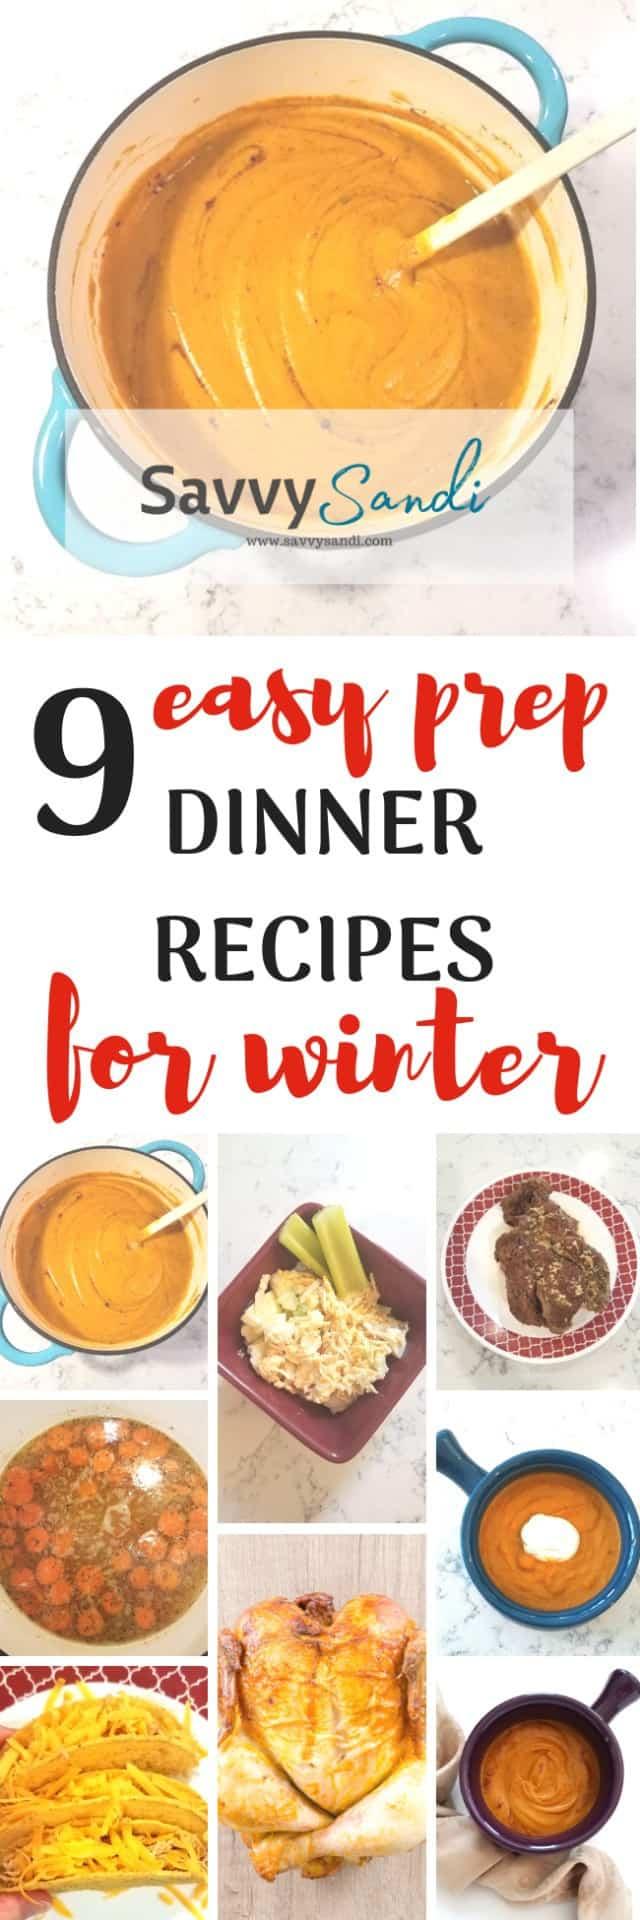 9 Easy Prep Dinner Recipes for Winter